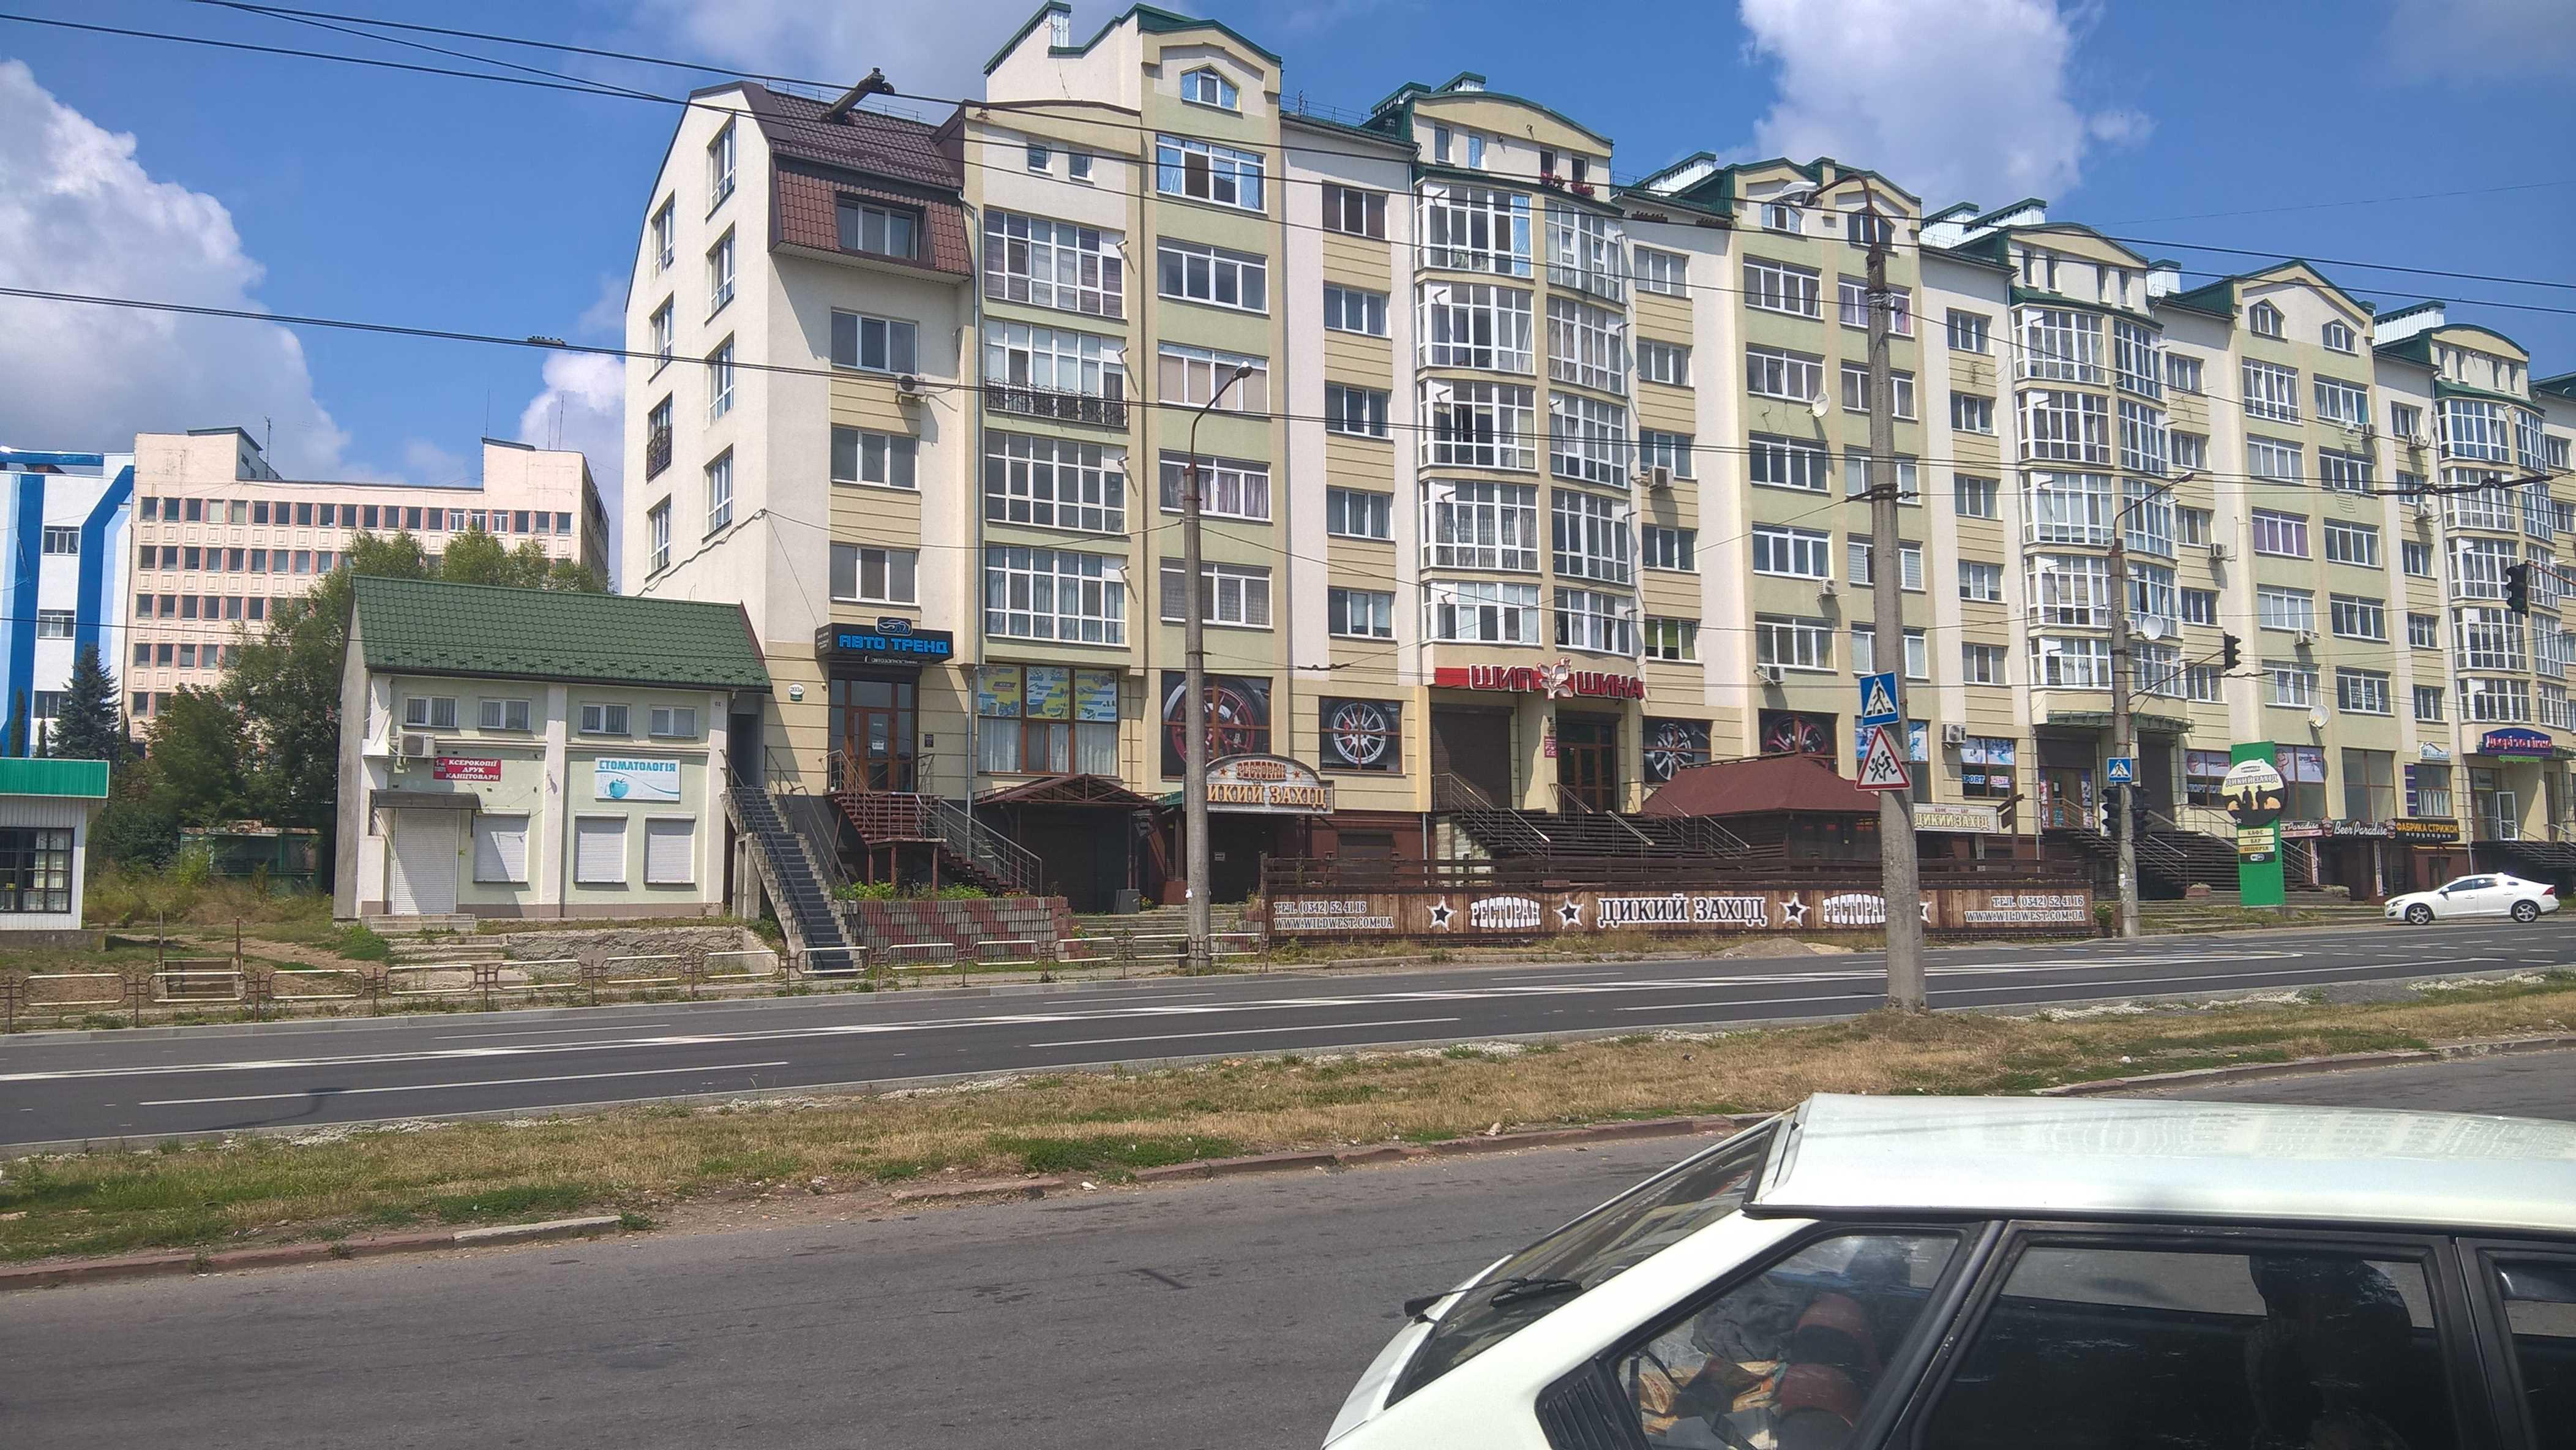 Авто Тренд, магазин автозапчастин, Галицька, 203, Івано-Франківськ